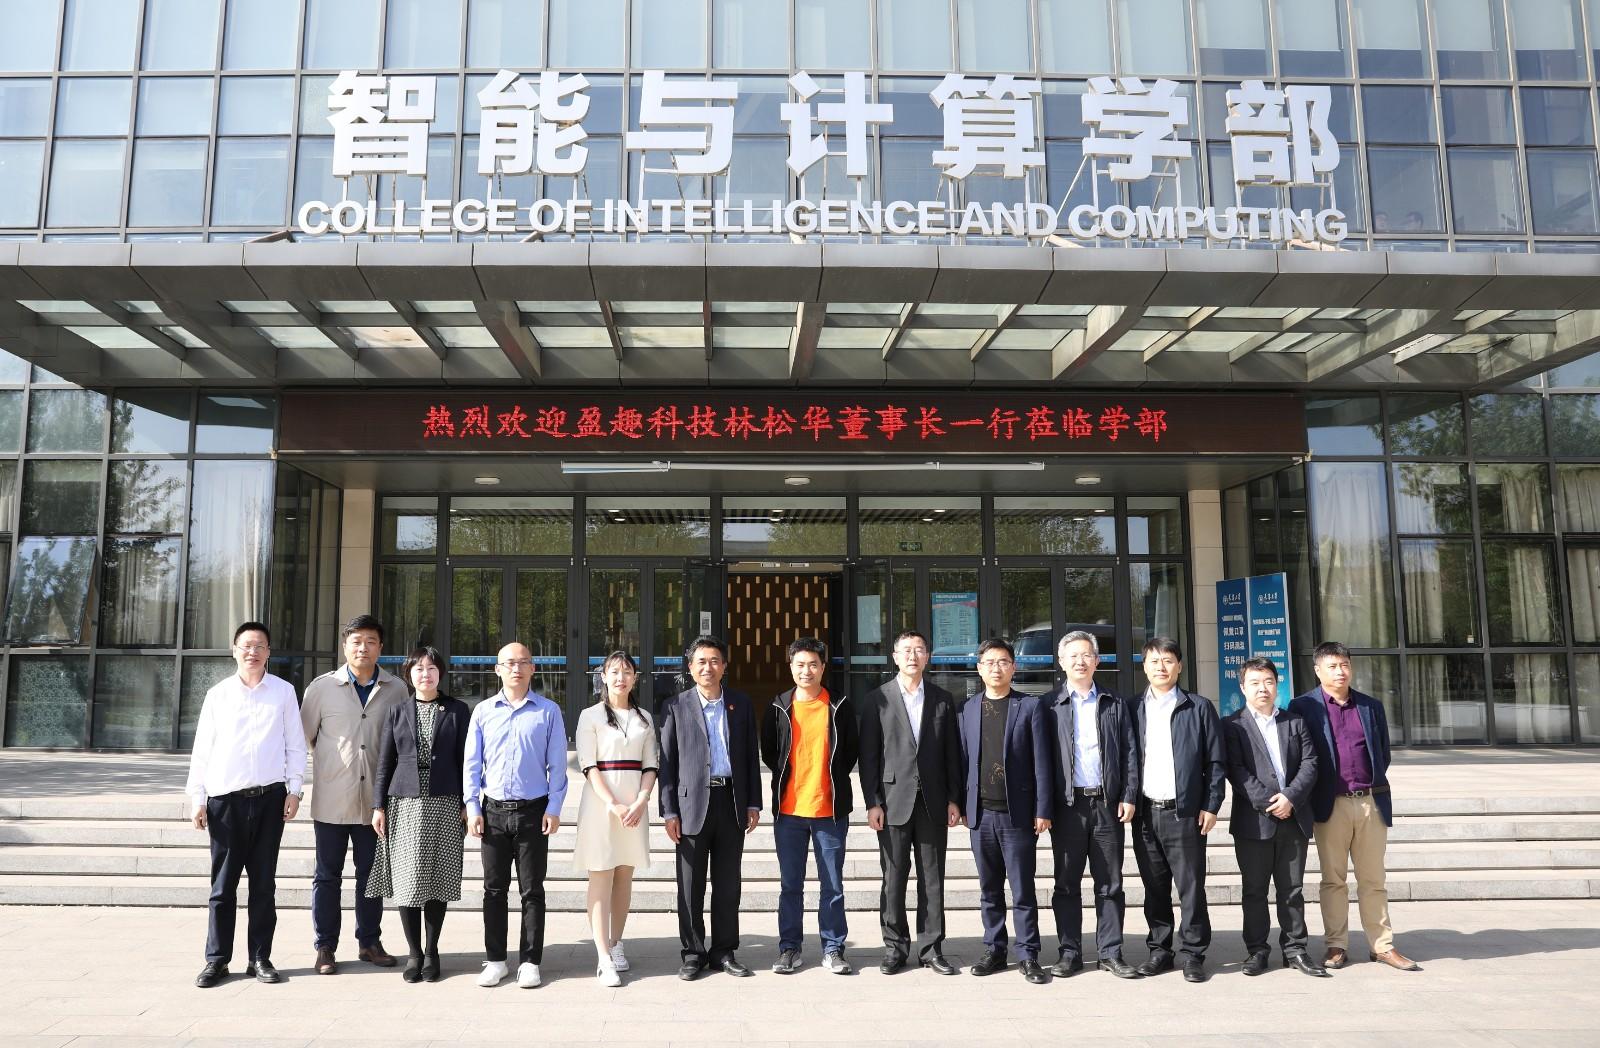 杰出校友林松华一行来访天津大学智能与计算学部